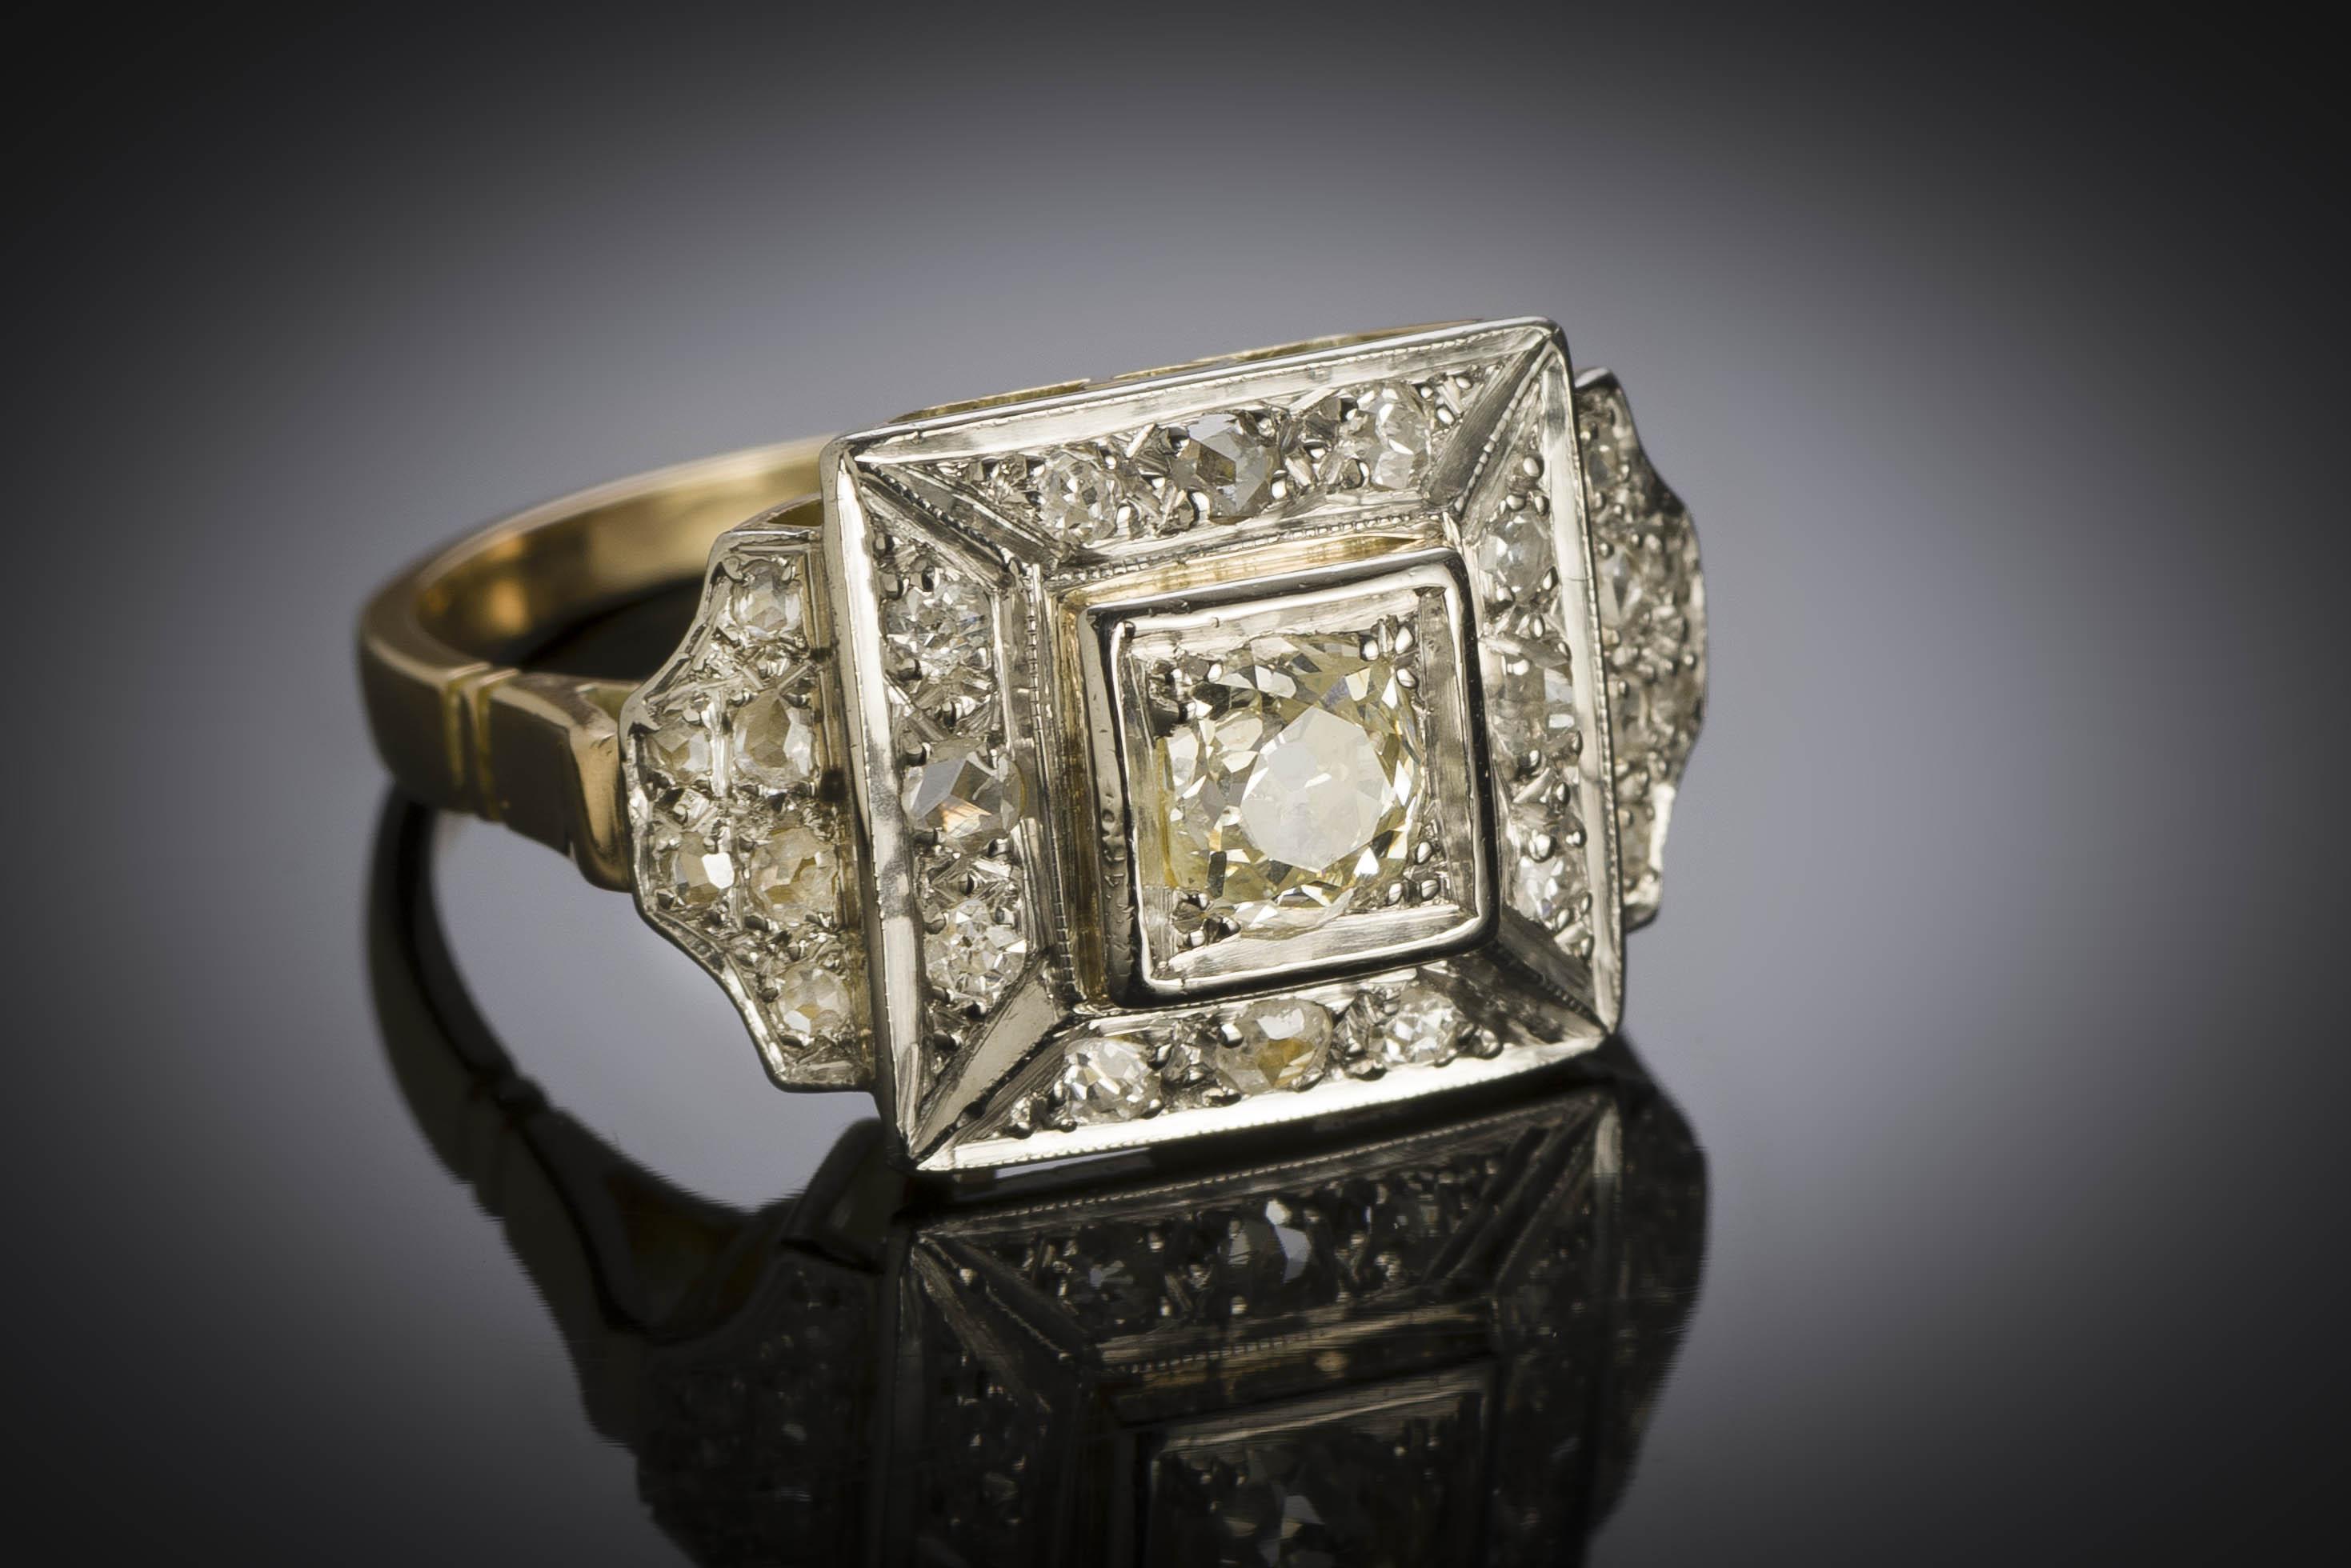 Bague diamants vers 1935 – 1940-1